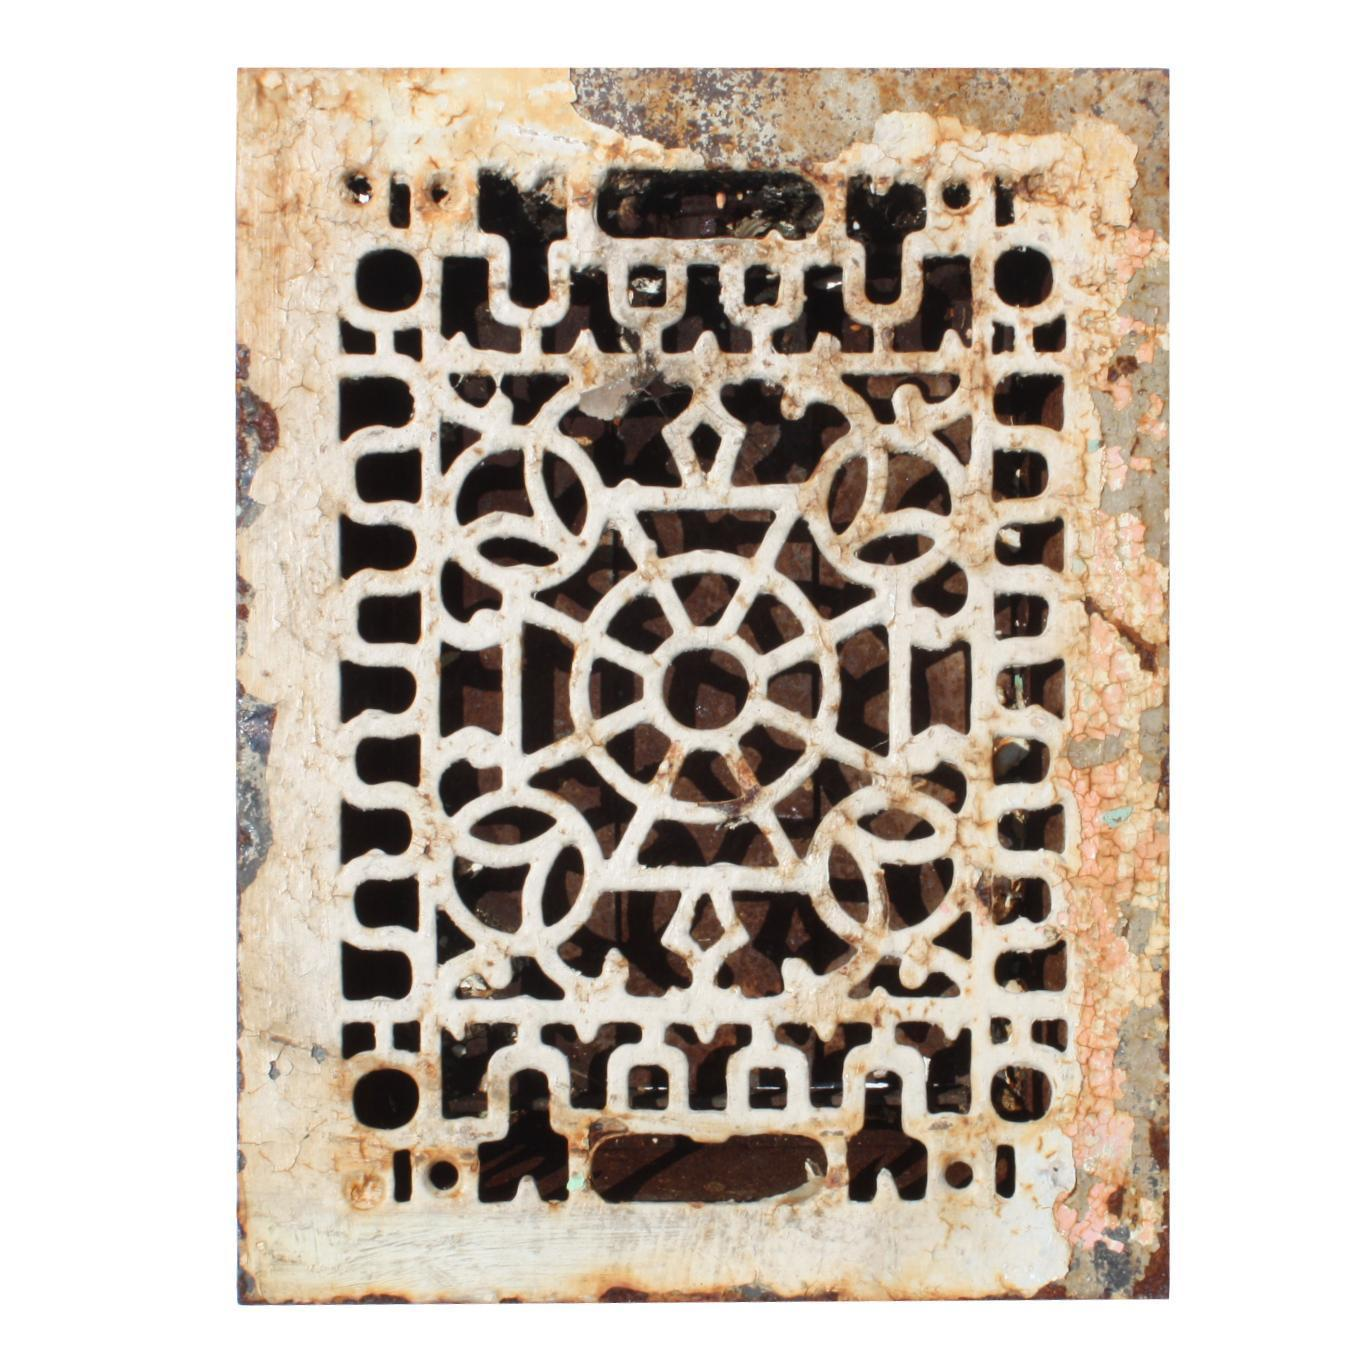 Radial Antique Cast Iron Heat Register